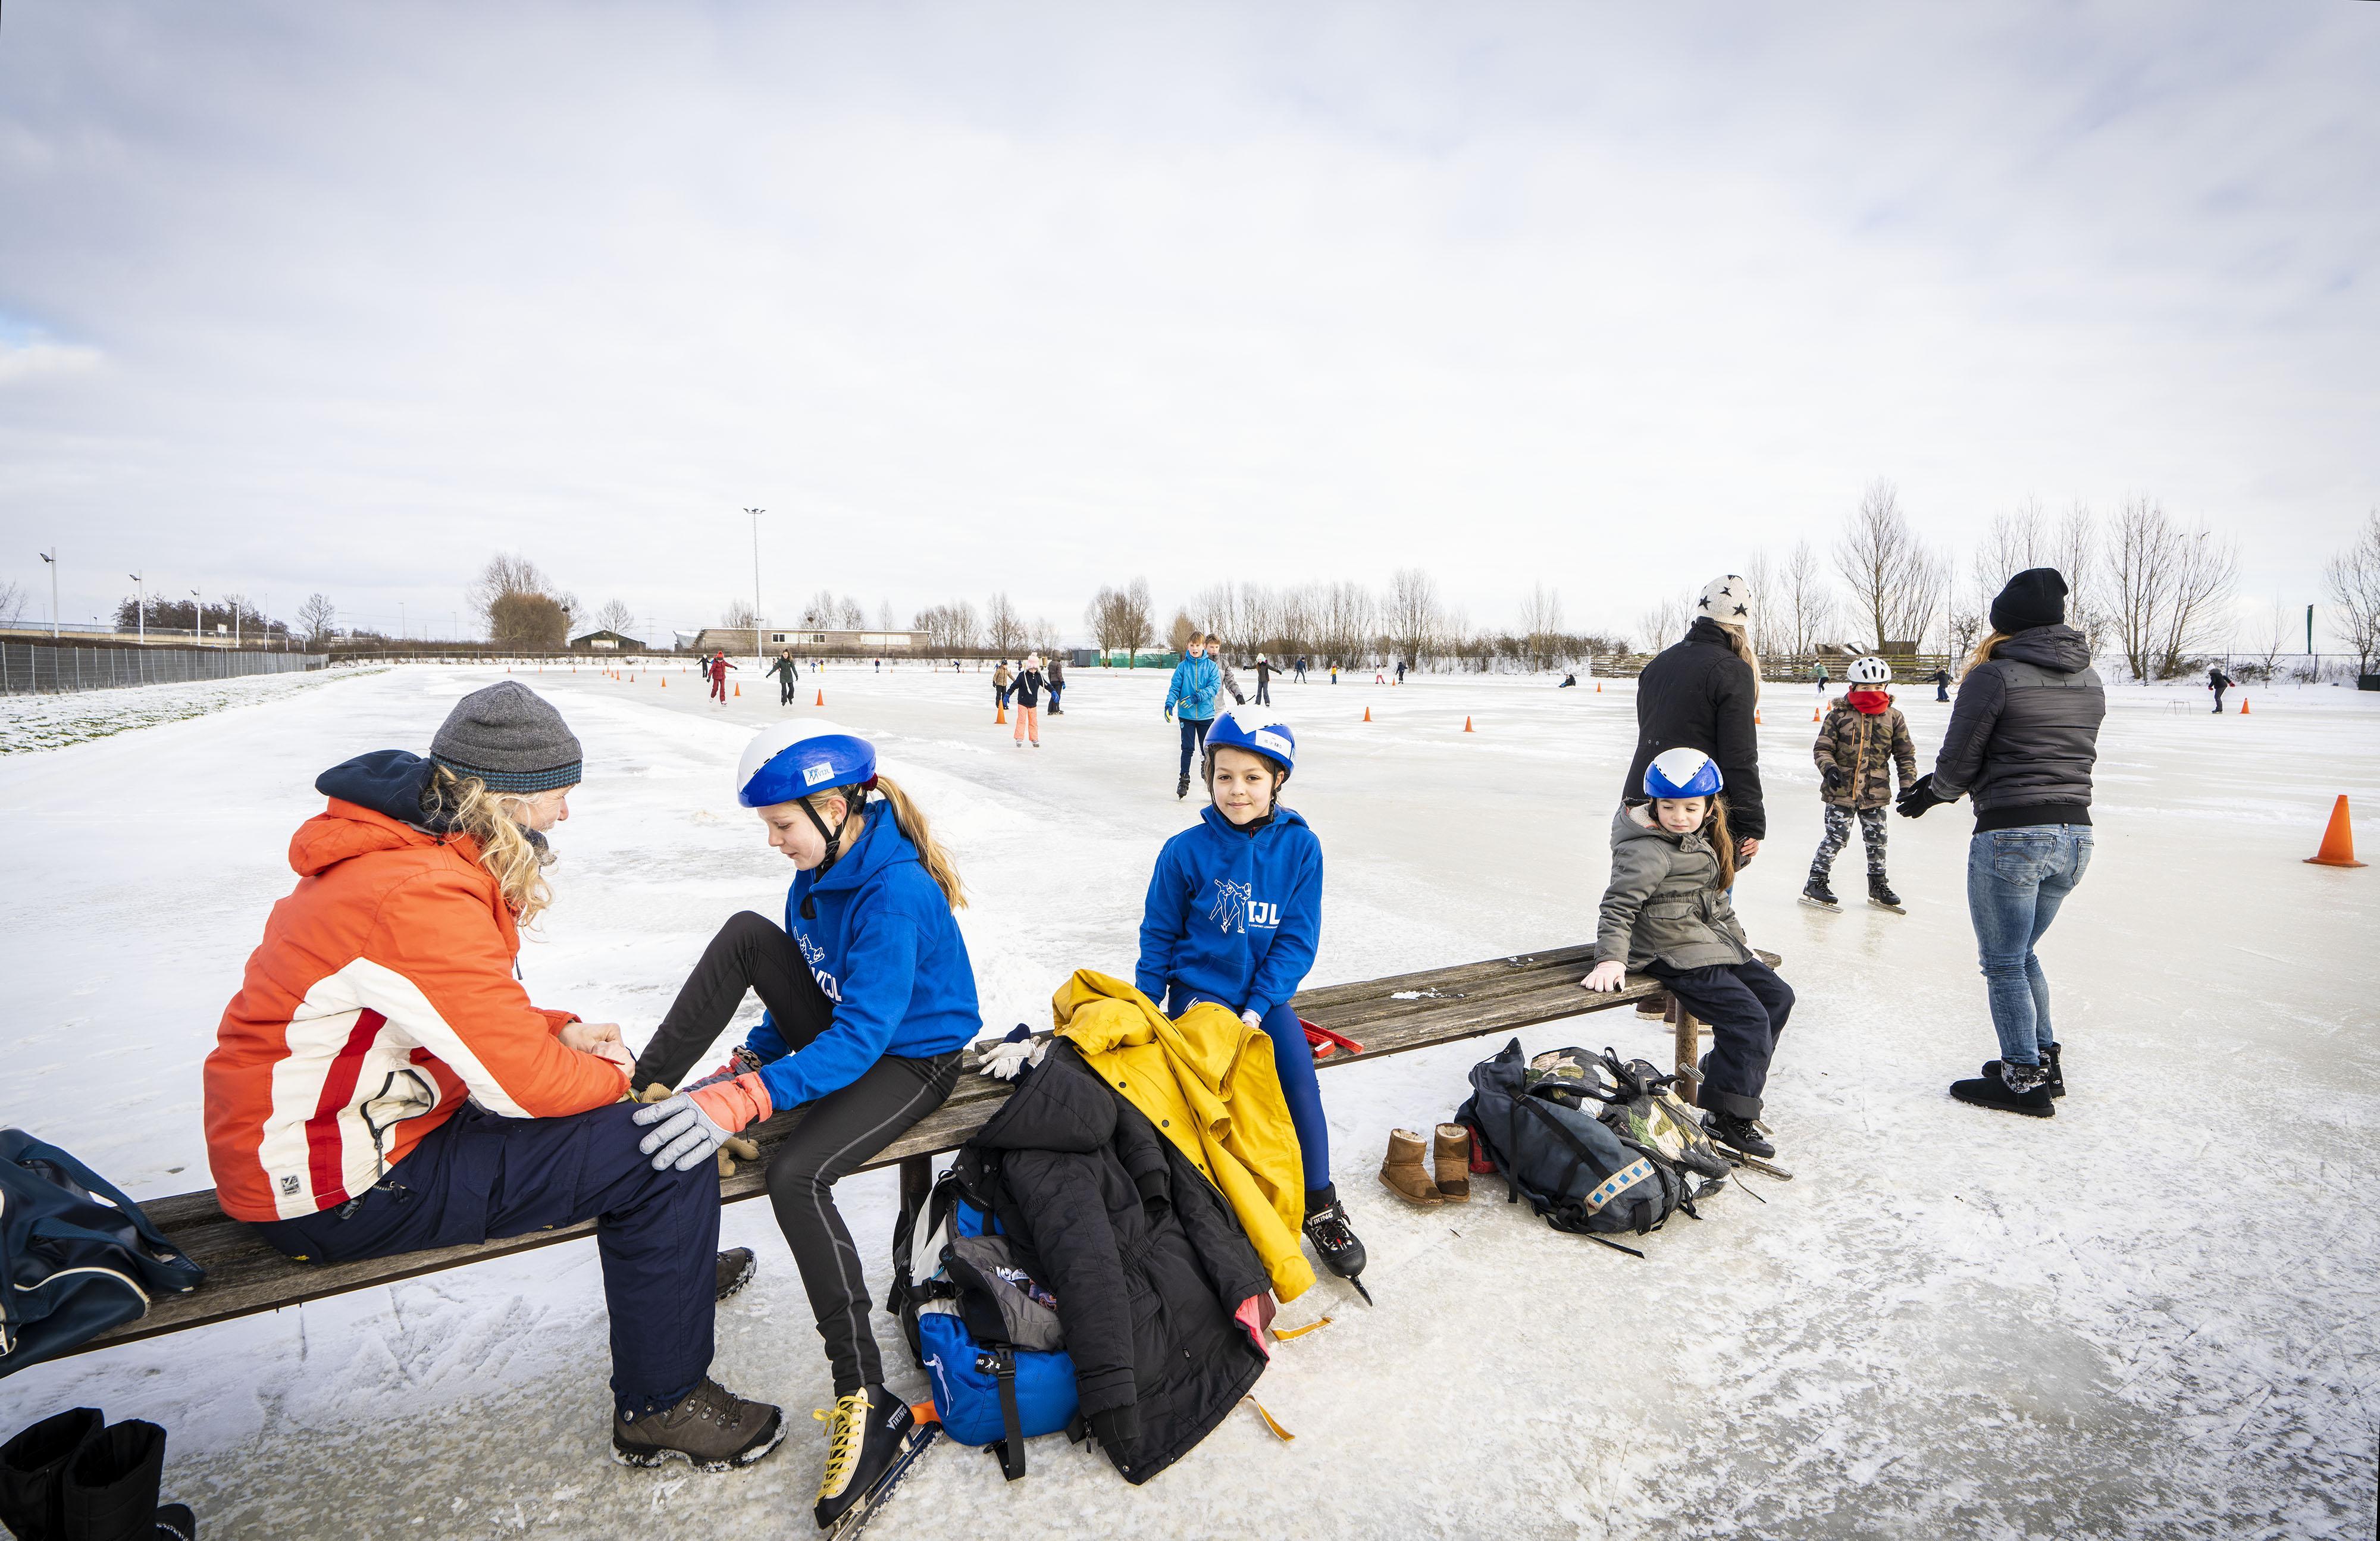 Welke ijsclubs hebben de natuurijsbaan geopend? Bekijk het op de kaart